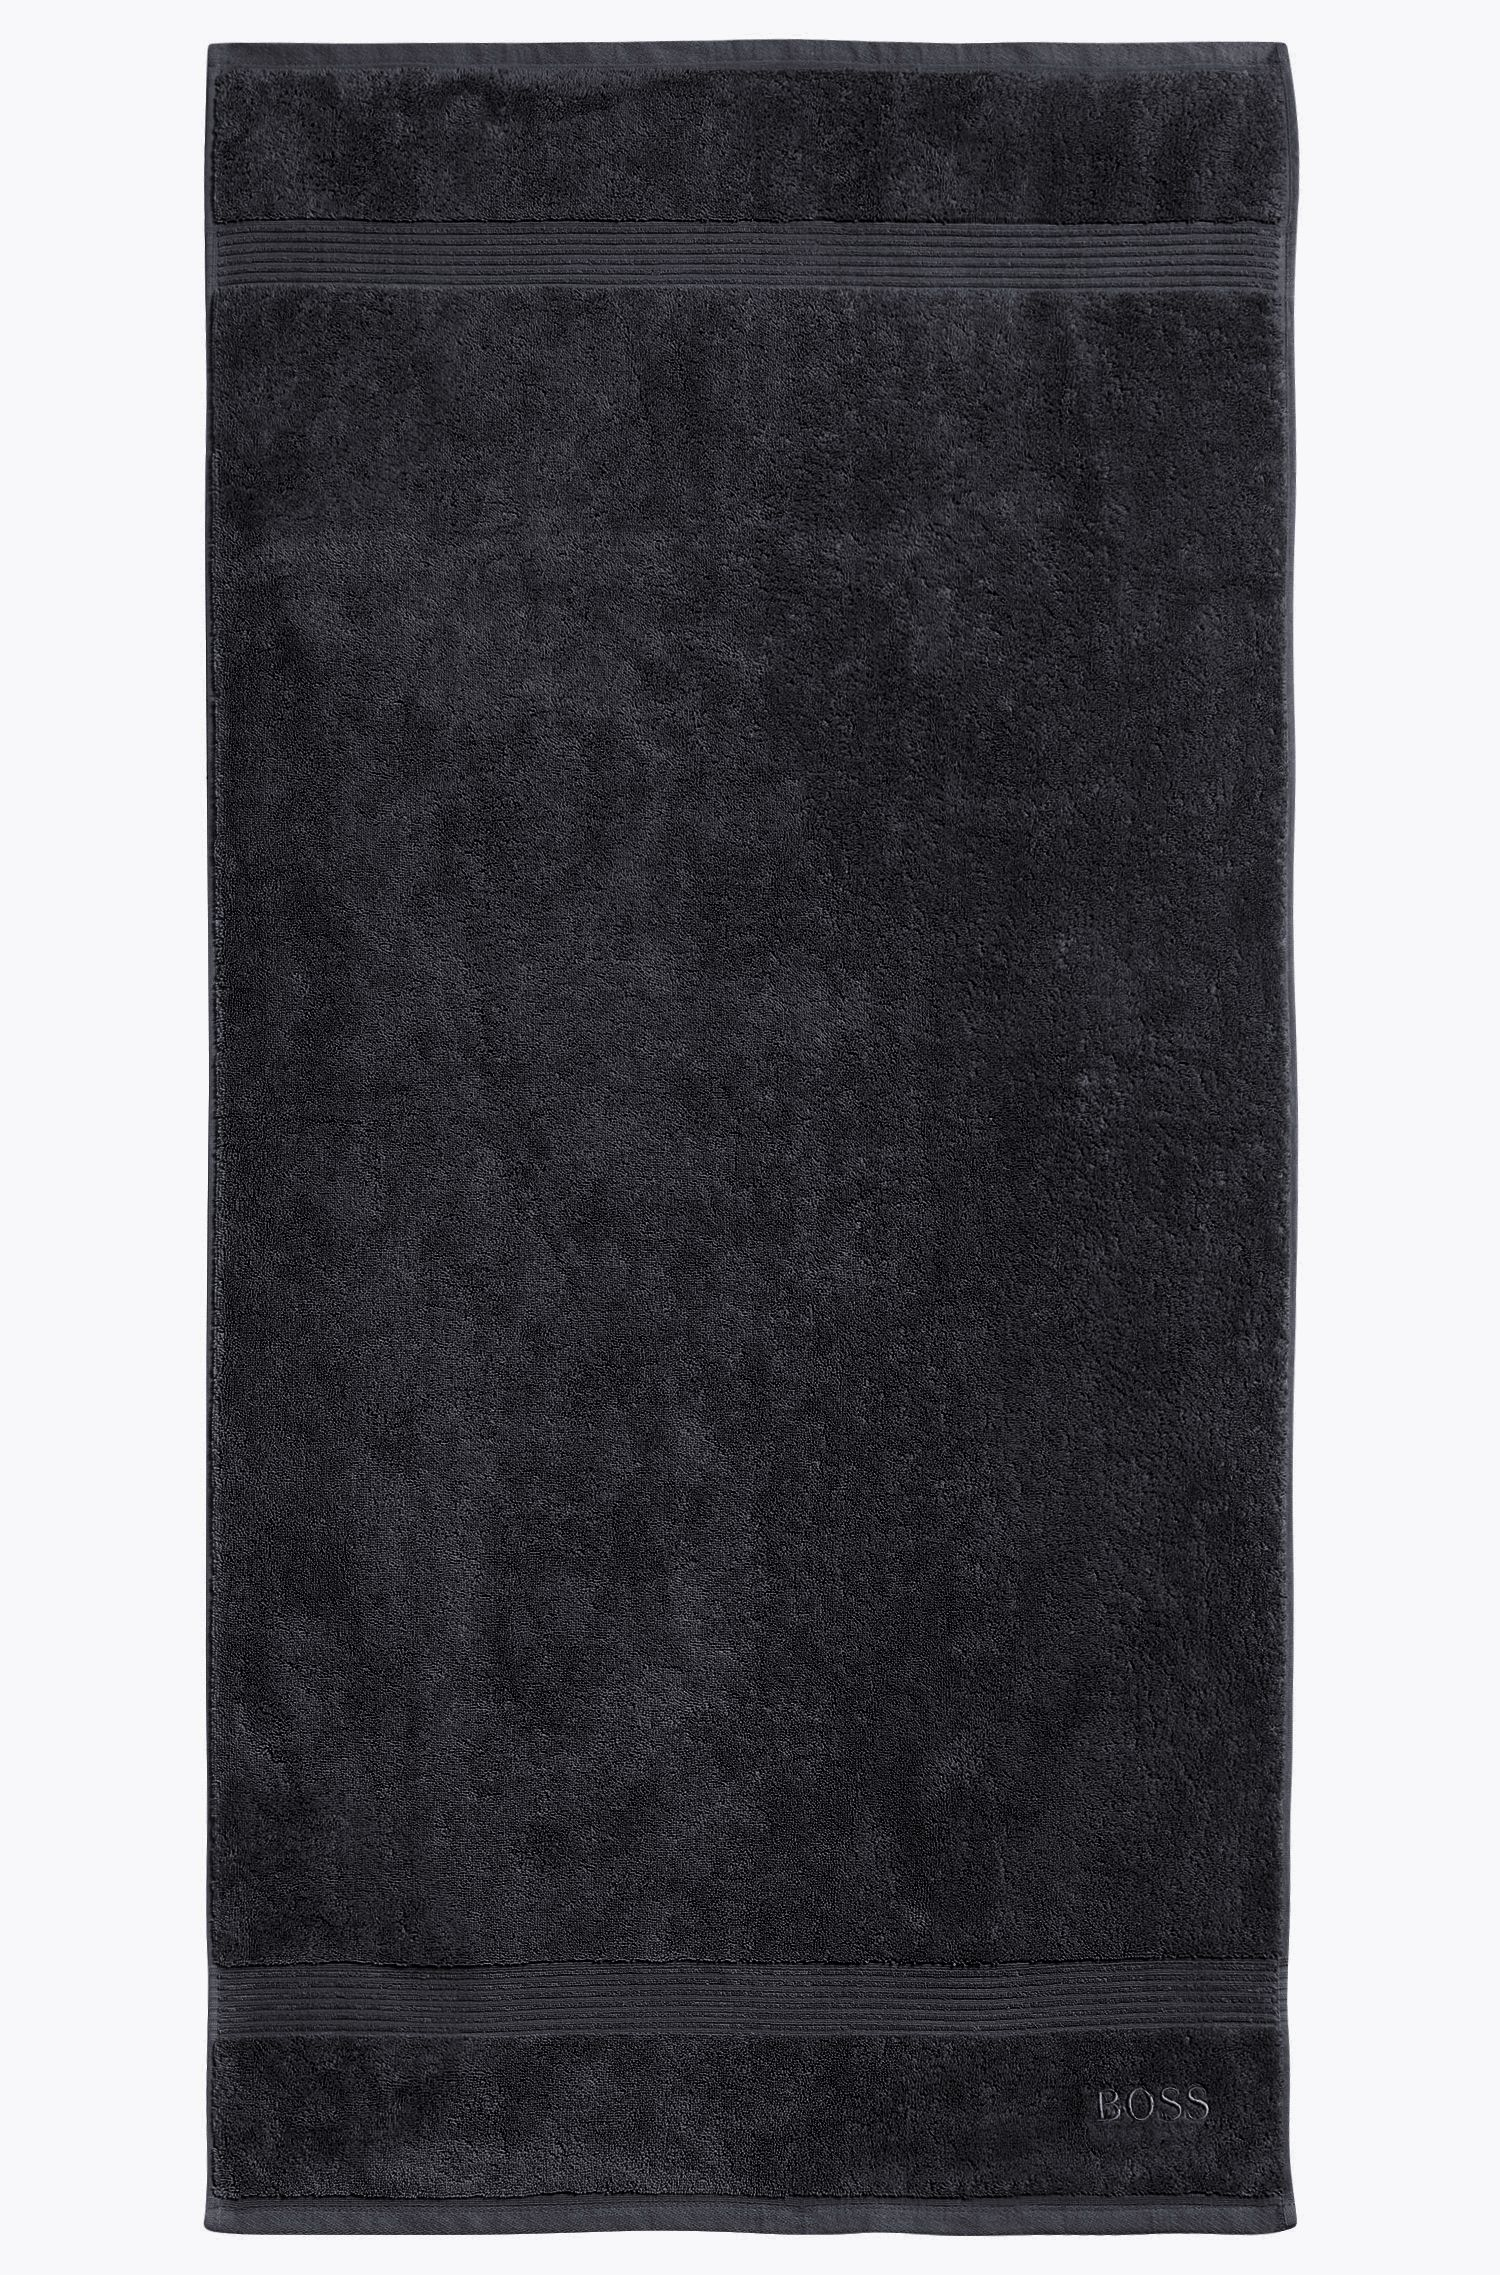 Serviette de bain en coton peigné de la mer Égée avec bordures côtelées, Noir